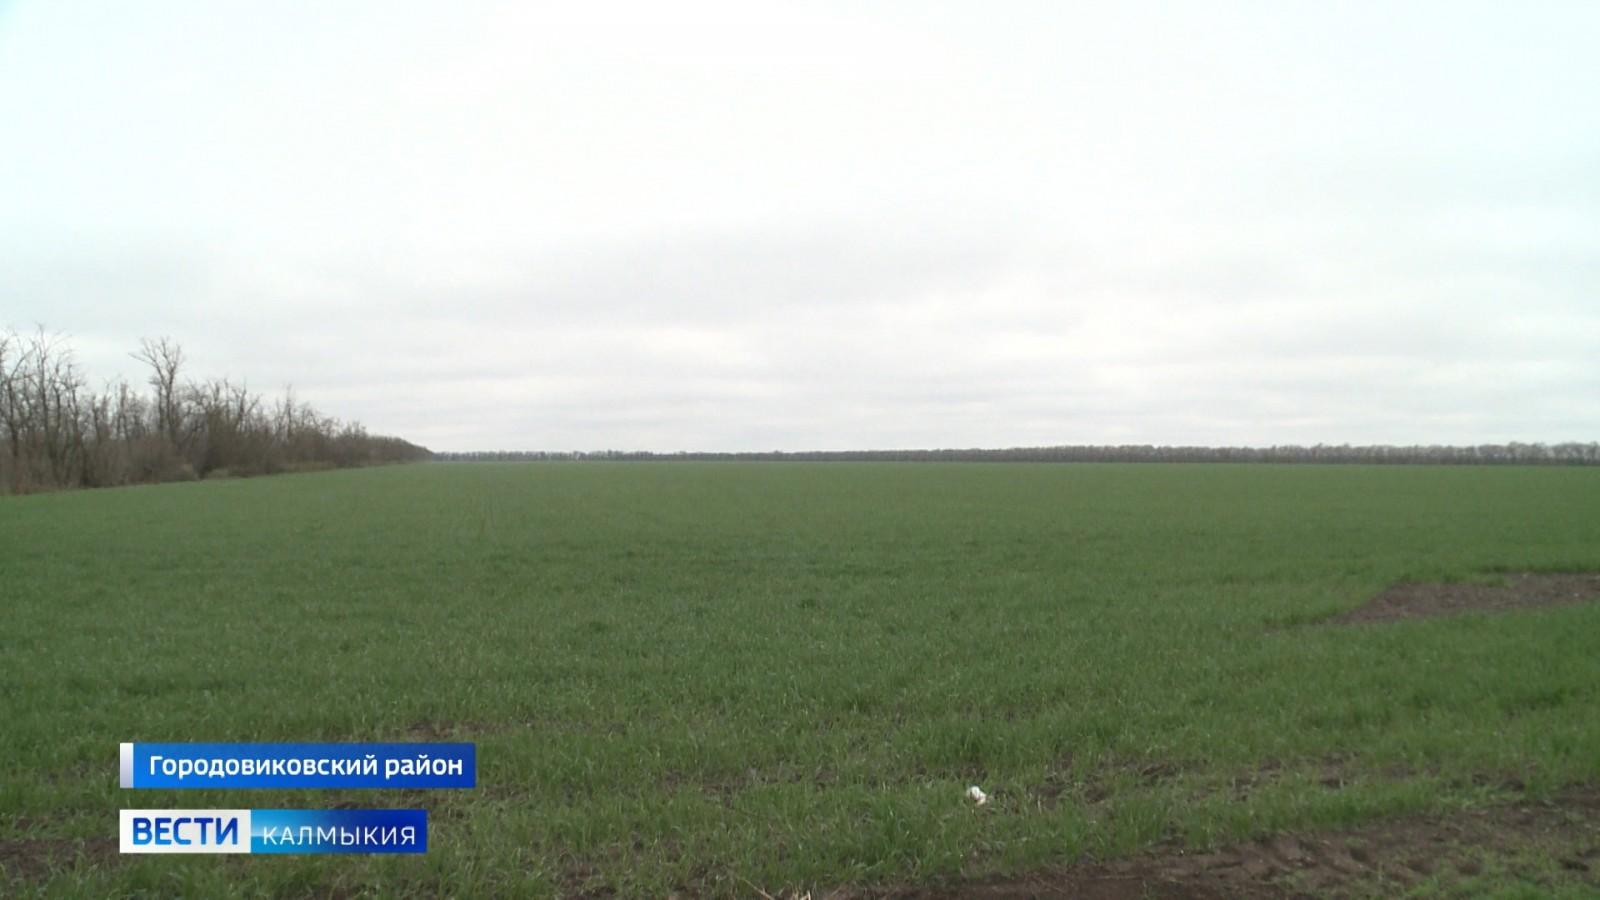 В хозяйствах Городовиковского района начались весенне-полевые работы